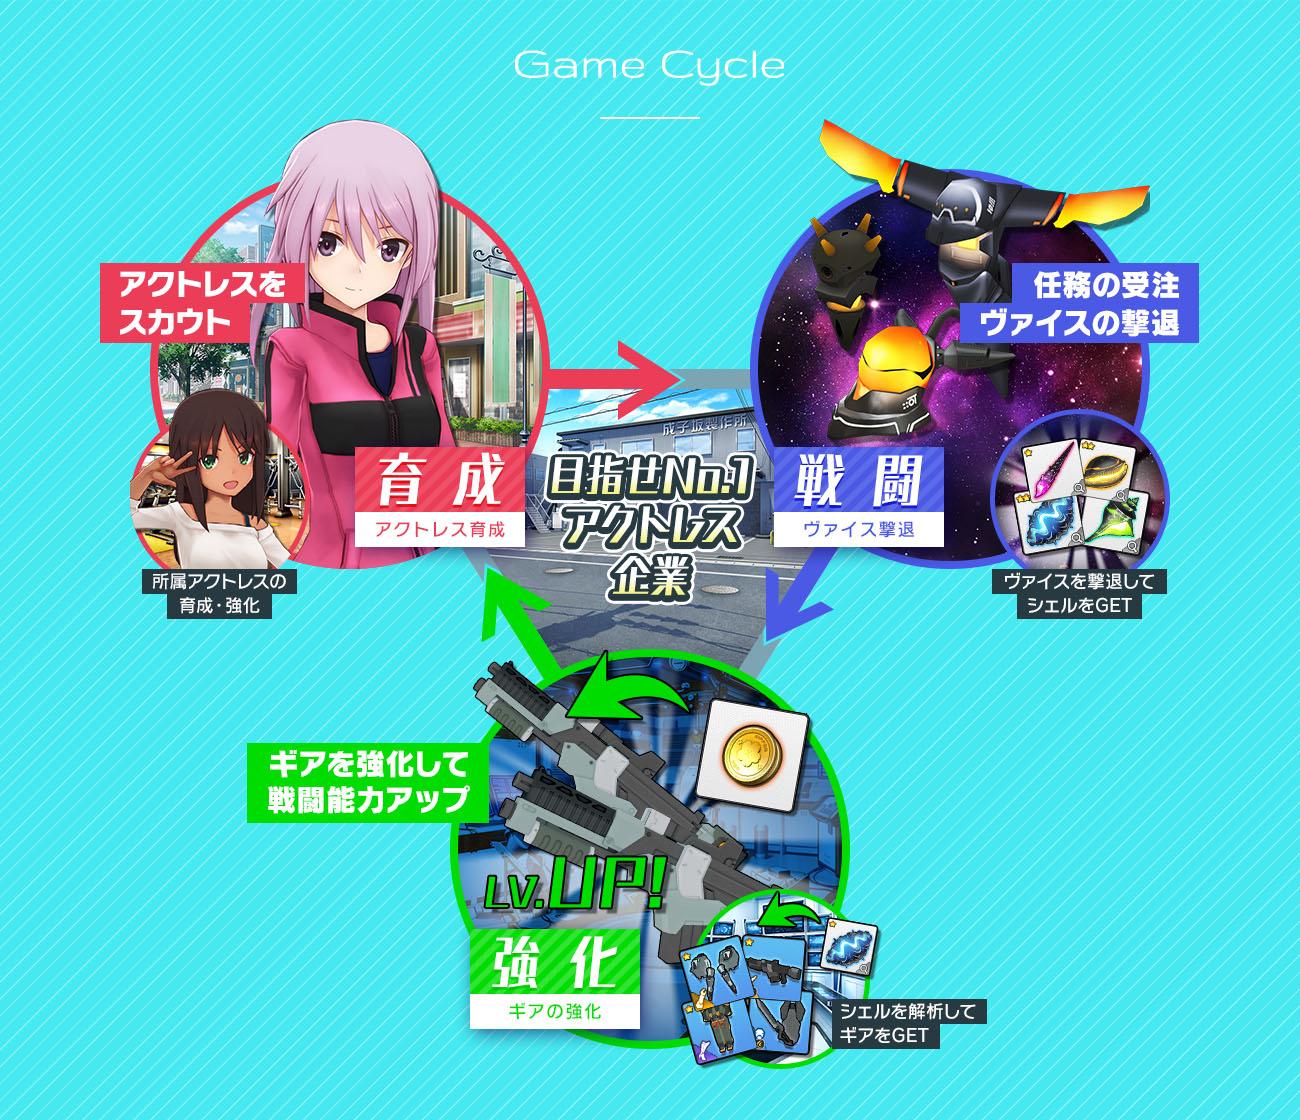 03_ゲームサイクル